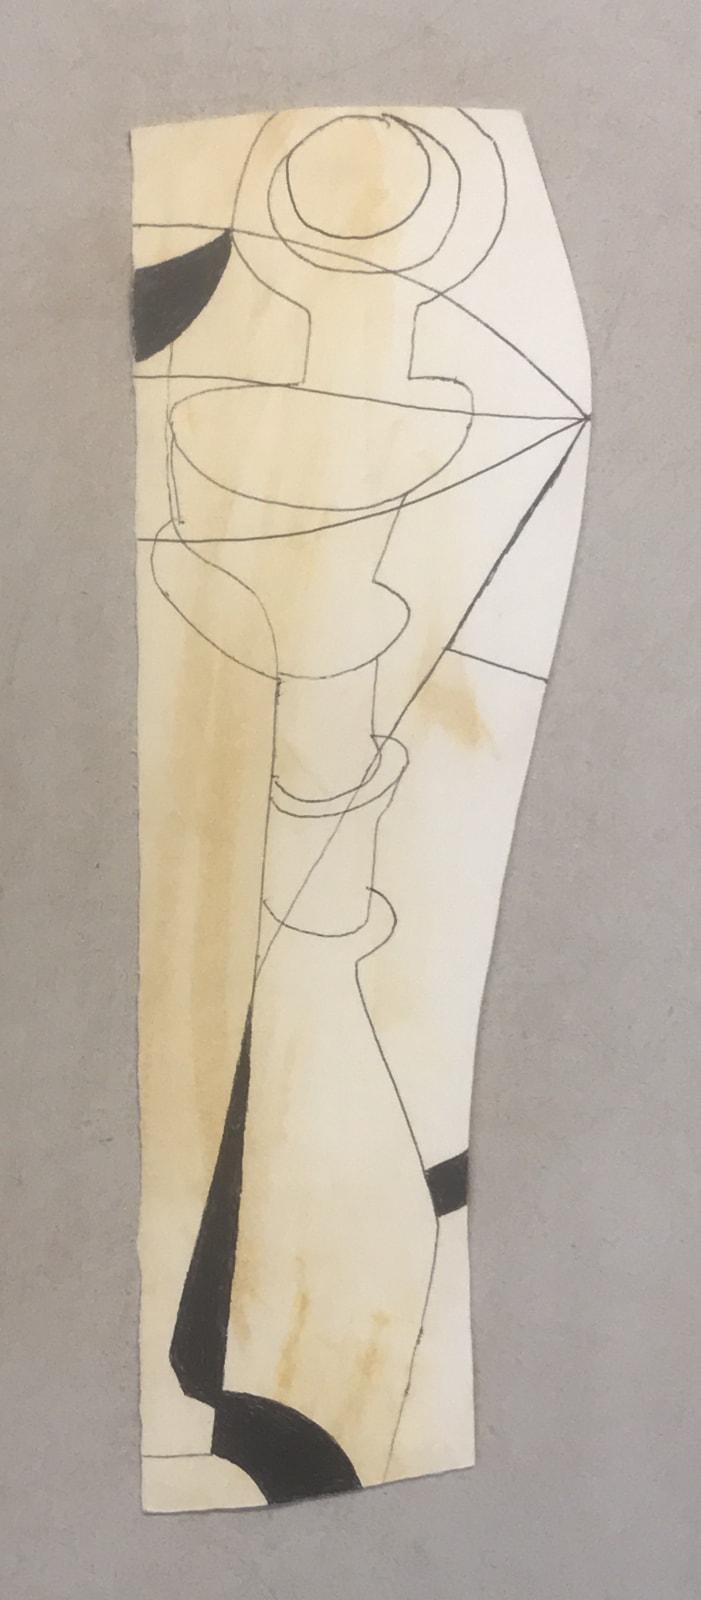 Ben Nicholson, Untitled